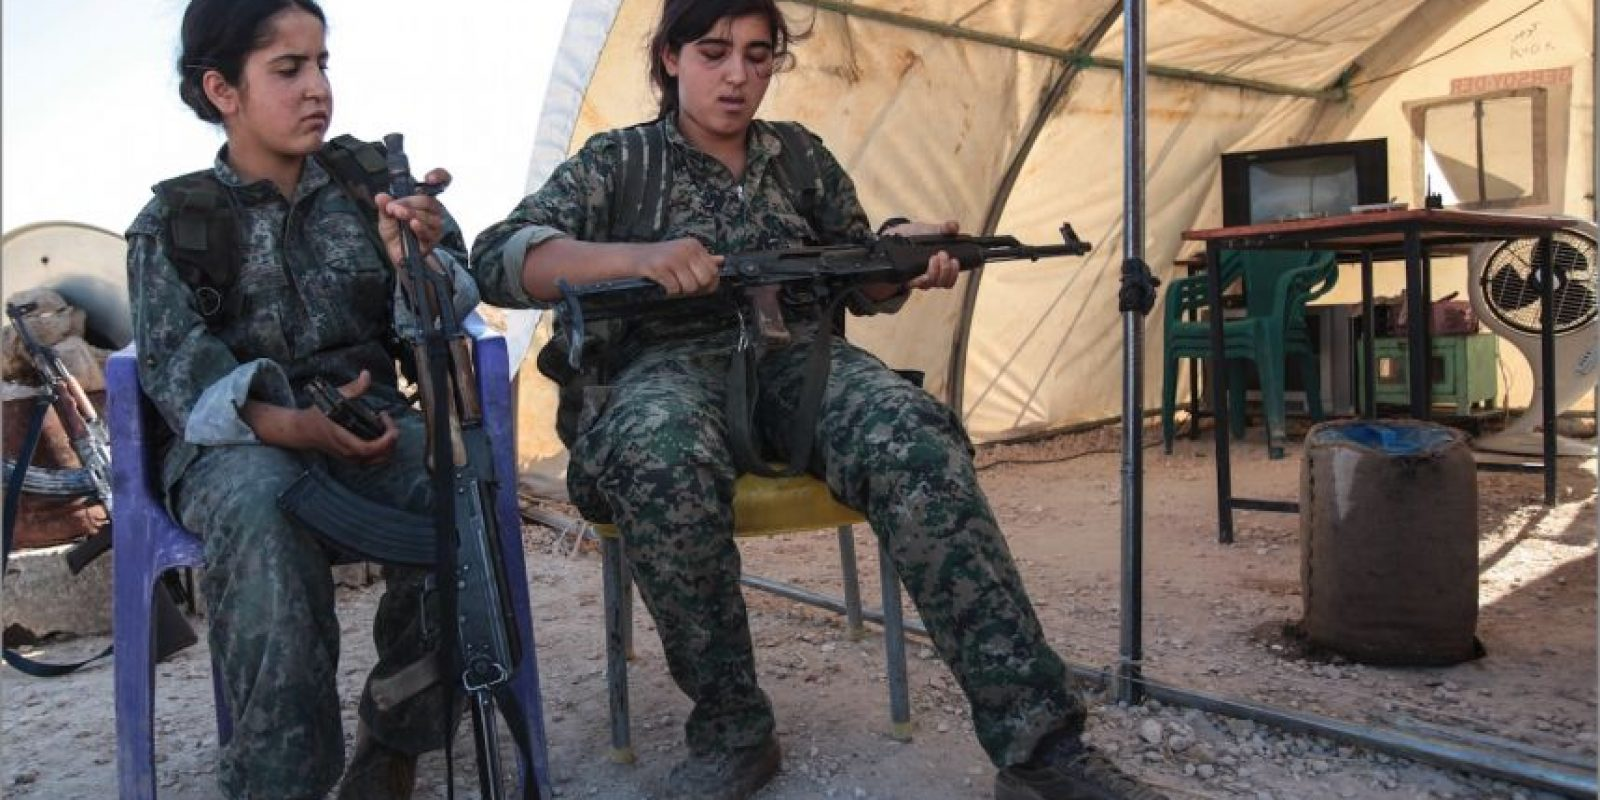 """De acuerdo al documento no está permitido """"adquirir"""" más de tres mujeres, excepto para extranjeros provenientes de Turquía, Siria y para los árabes provenientes del Golfo Foto:Getty Images"""